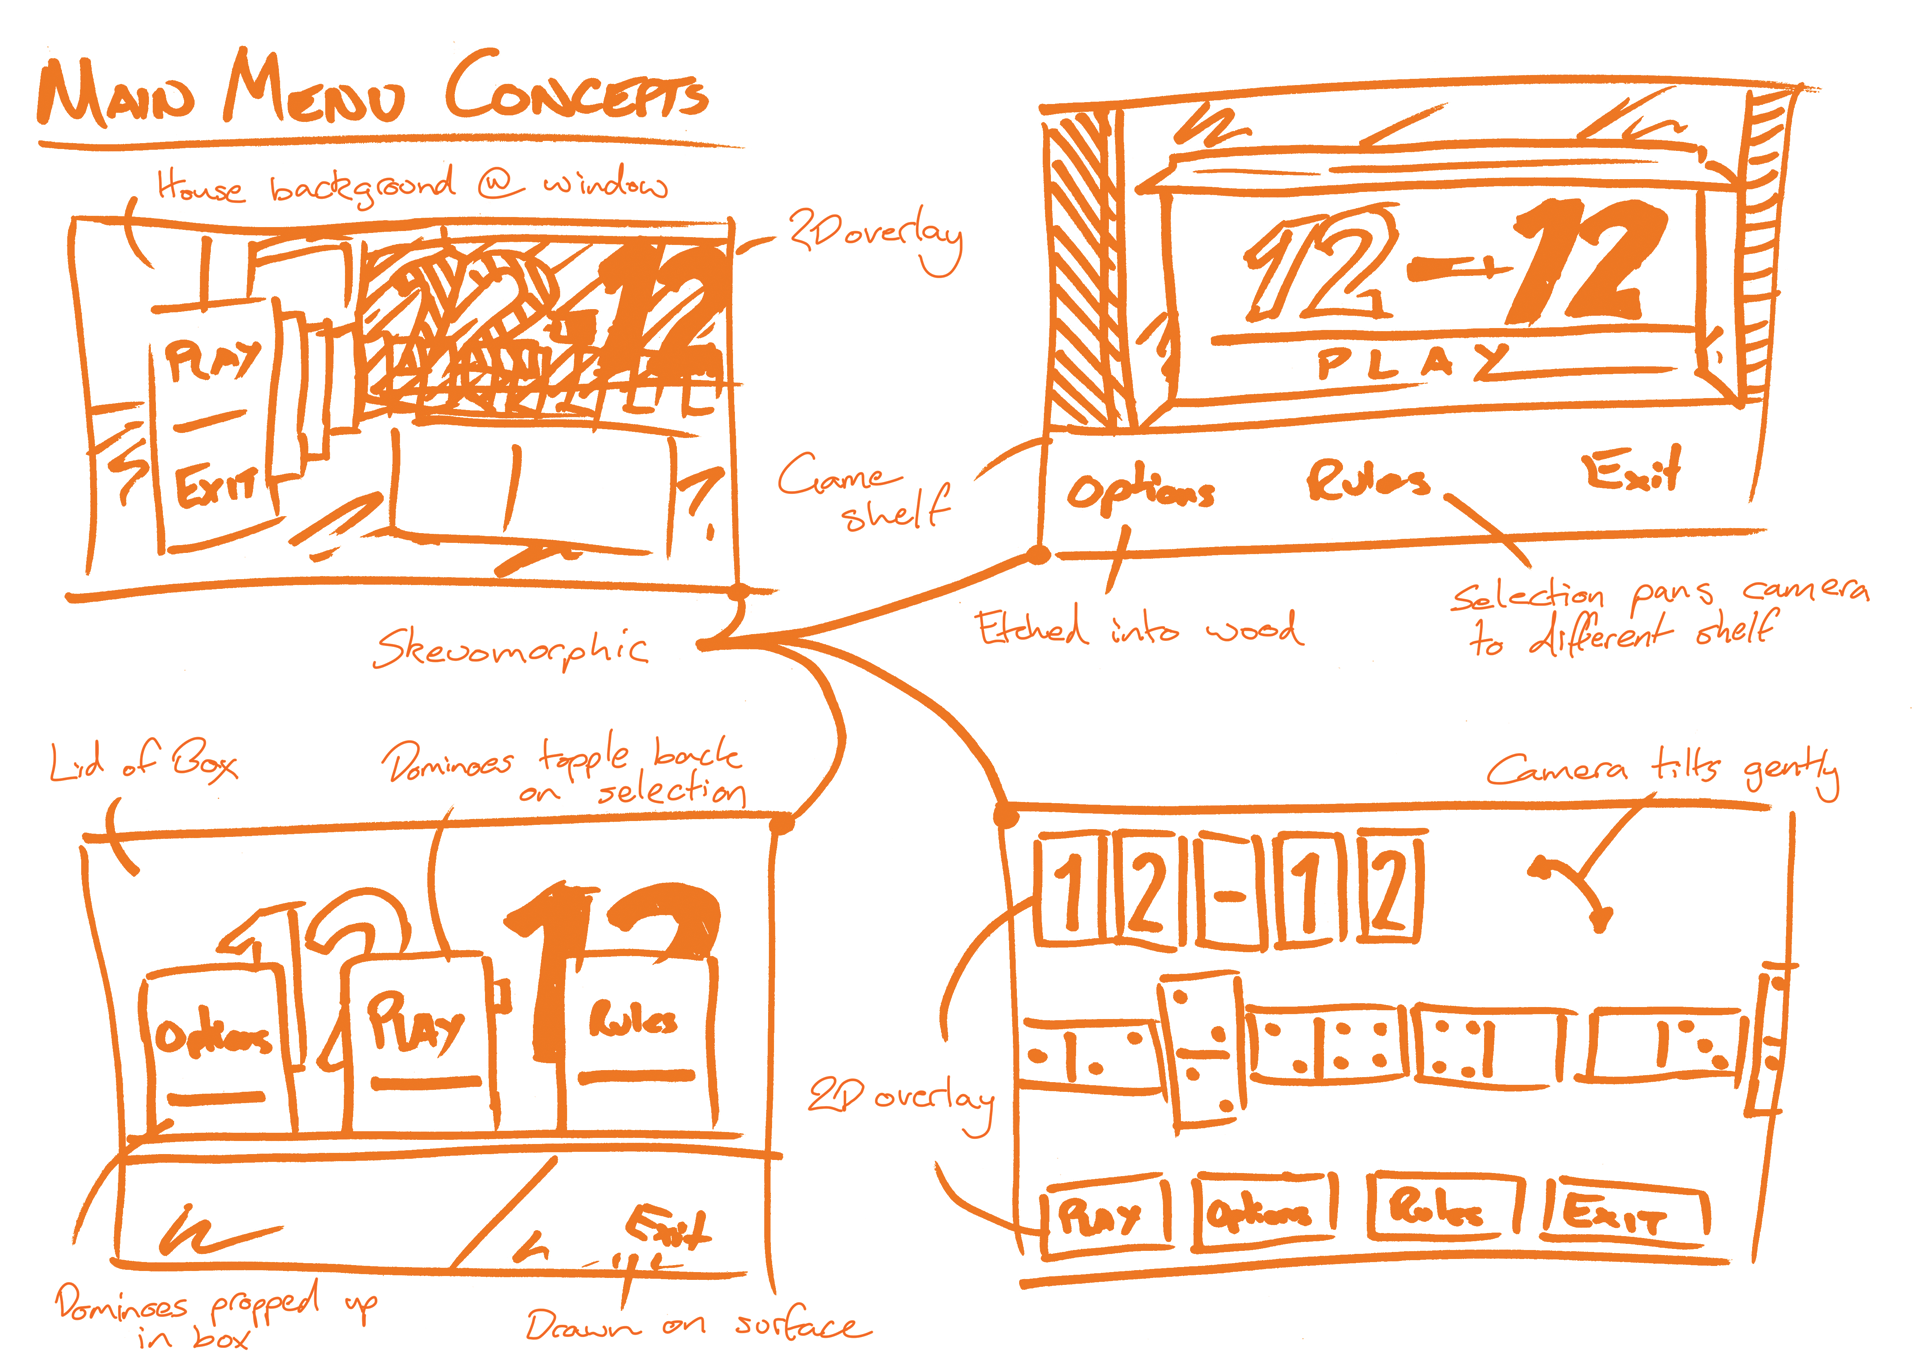 FIgure 6.5 - Main Menu Concepts